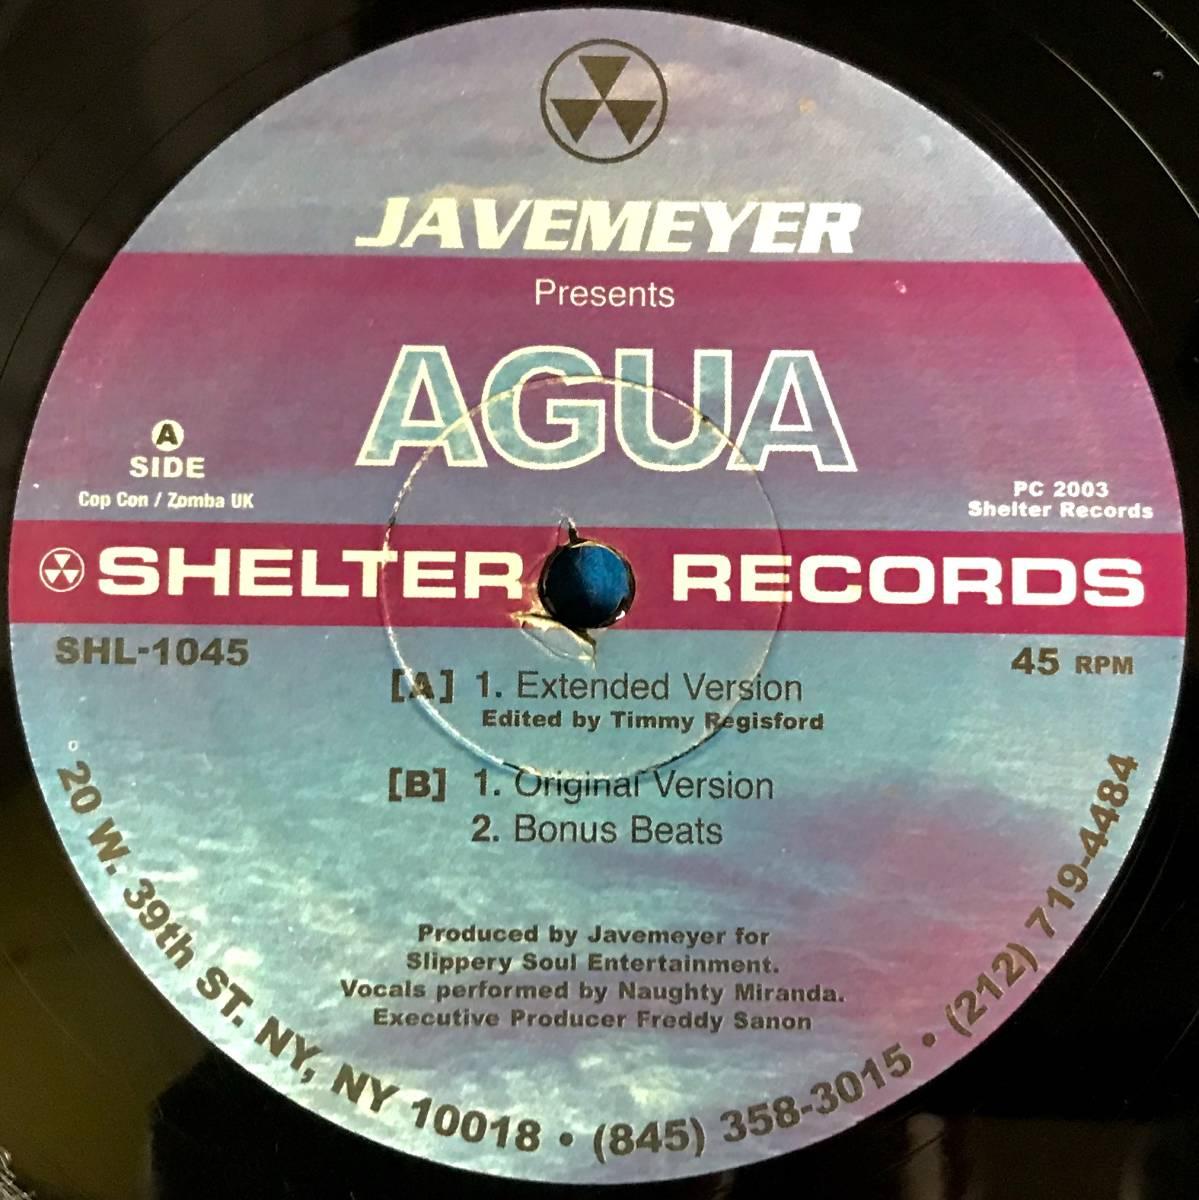 【HOUSE】JAVEMEYER//AGUA//SHELTER RECORDS//SHL-1045//TIMMY REGISFORD//12INCH VINYL/US/LOFT/GARAGE